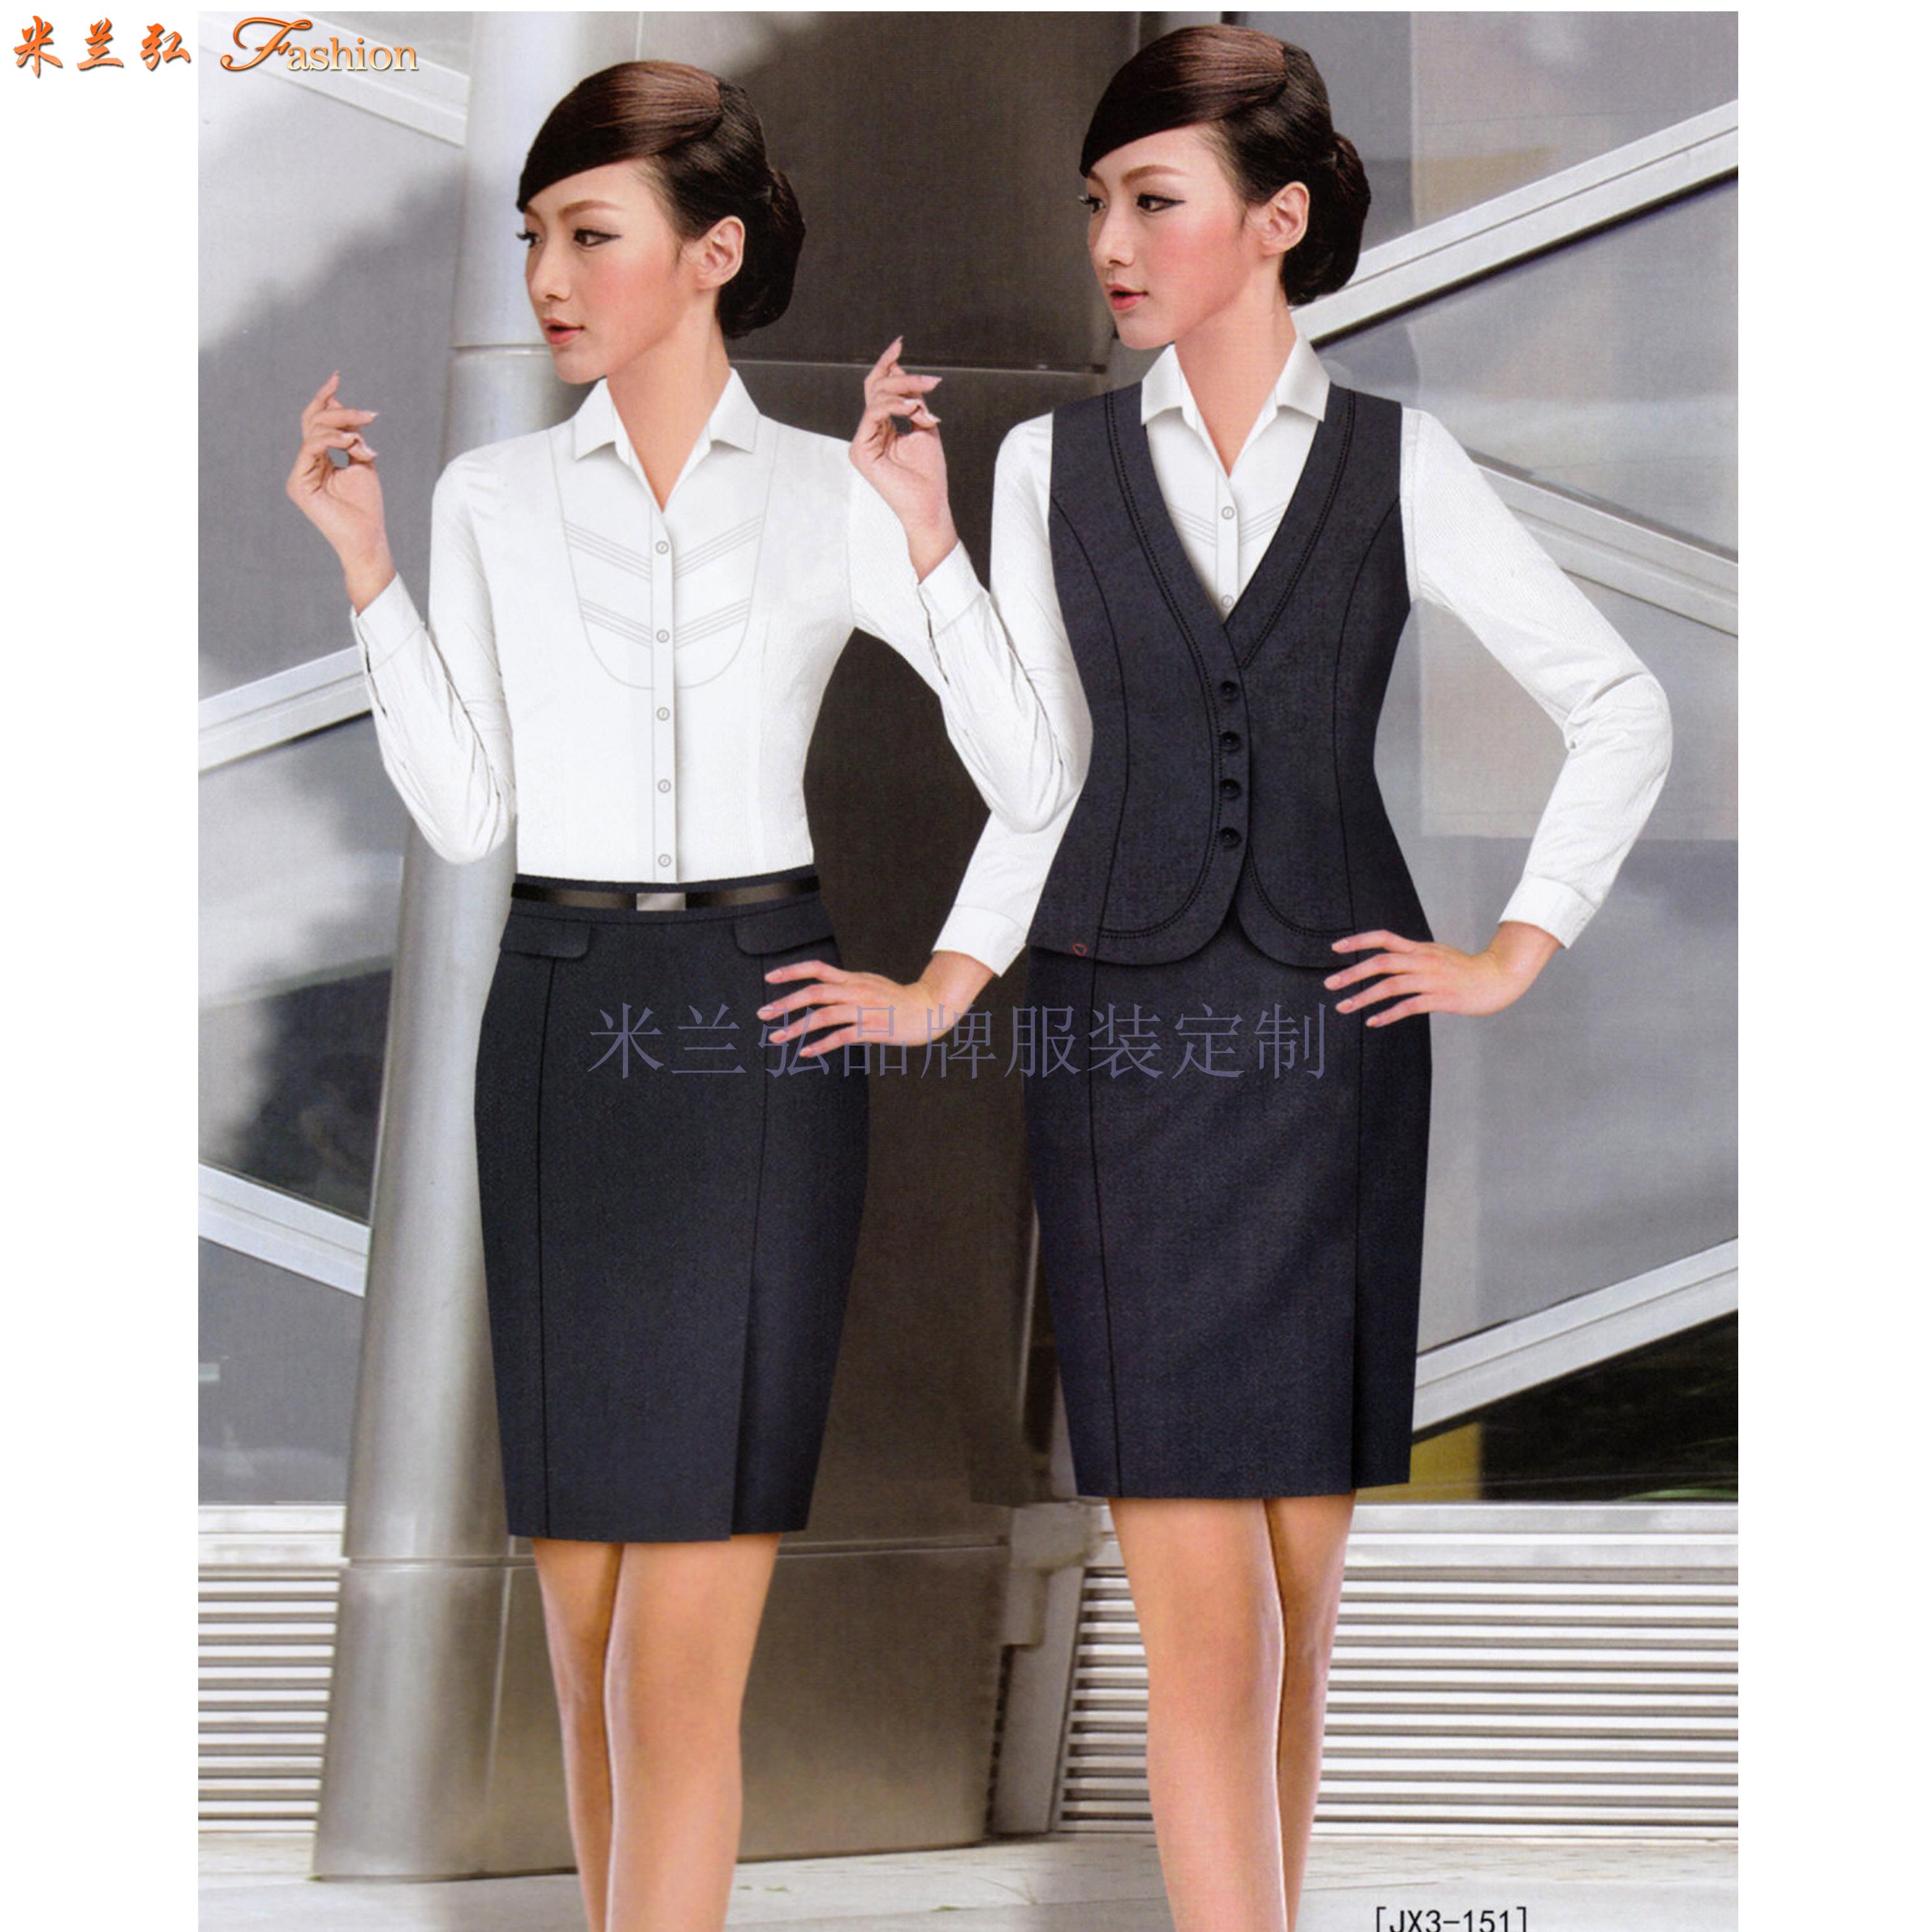 「天津空乘服裝定做」圖片_價格_流程_麵料_公司-最新送体验金网站空姐服-3